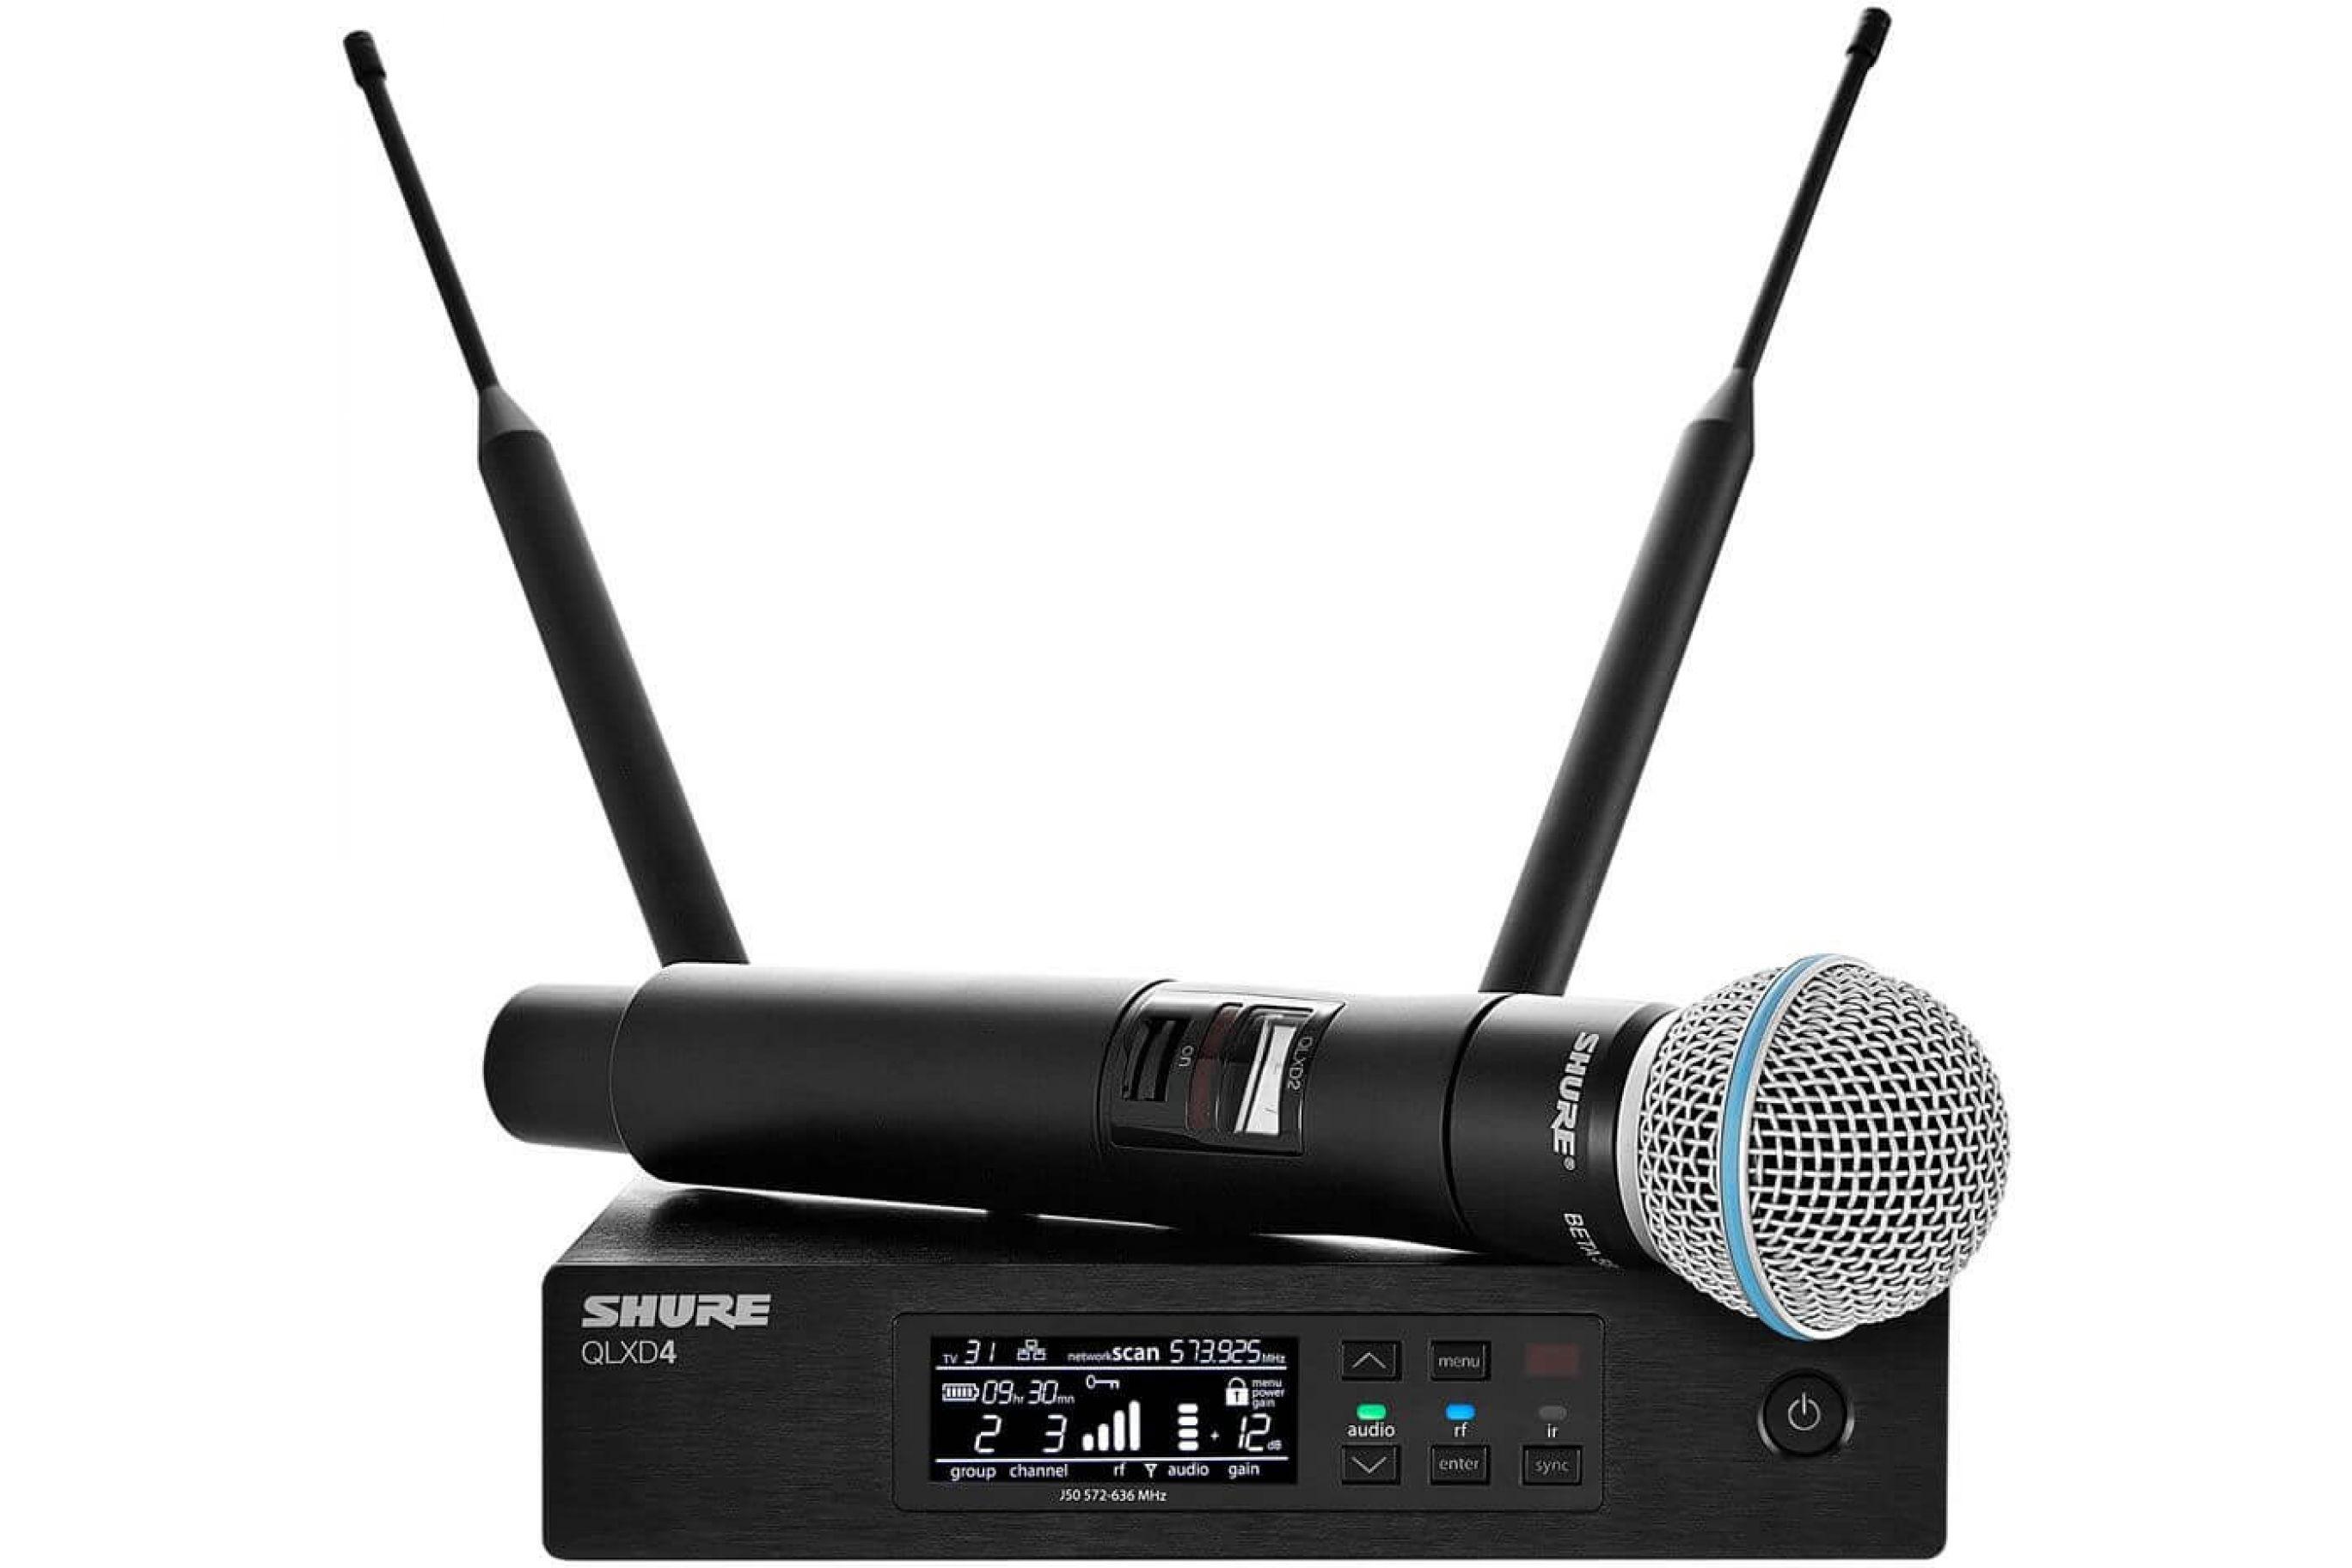 I migliori microfoni professionali